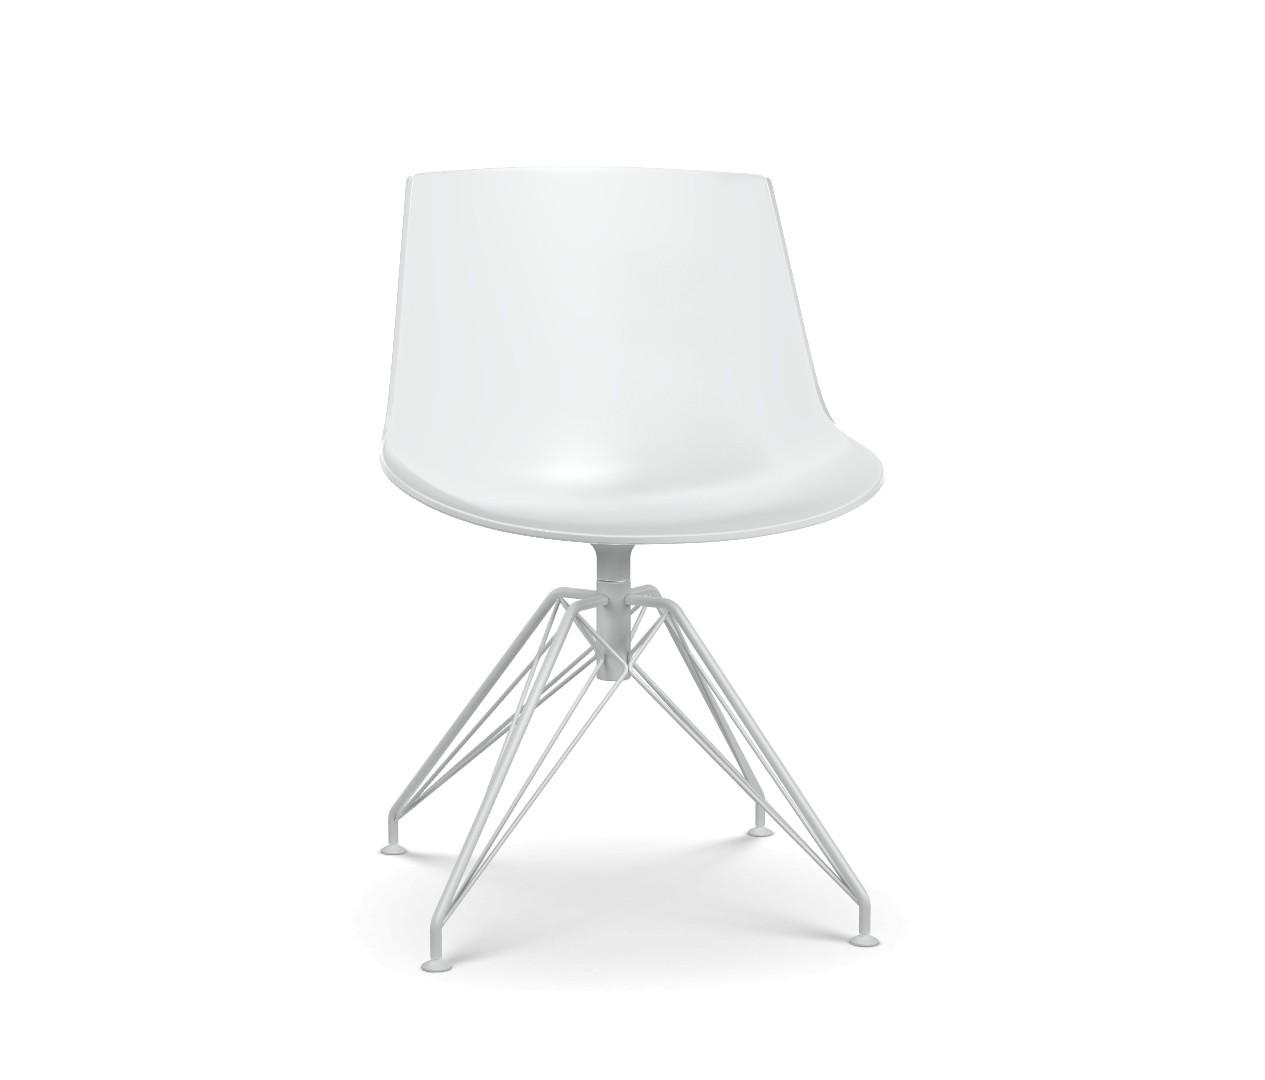 Flow Chair, LEM 4 Legged Base White Shell & Matt White Frame